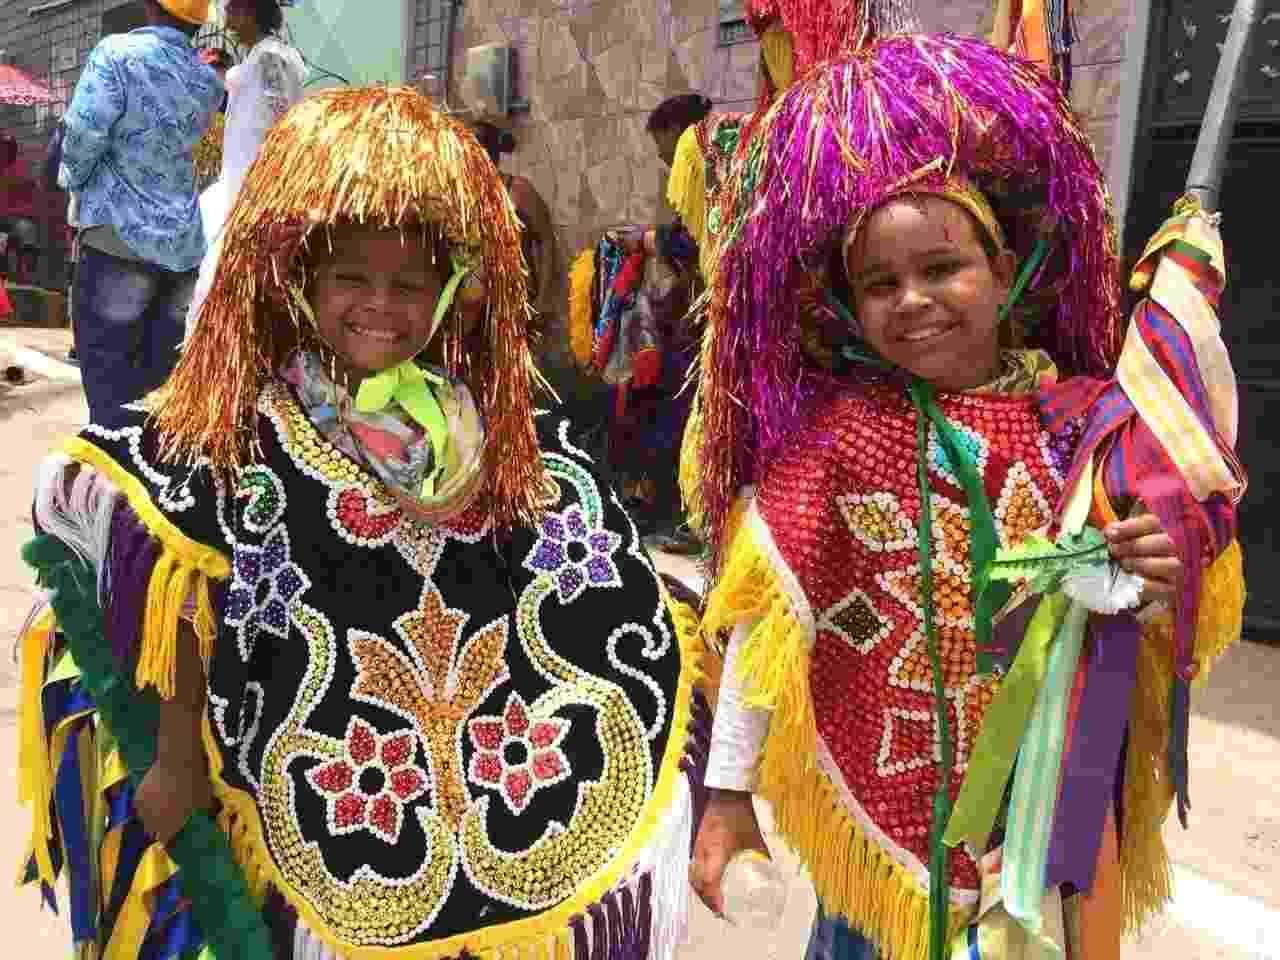 Maracatus rurais fazem a festa em Olinda, nesta segunda de Carnaval - Mateus Araújo/UOL